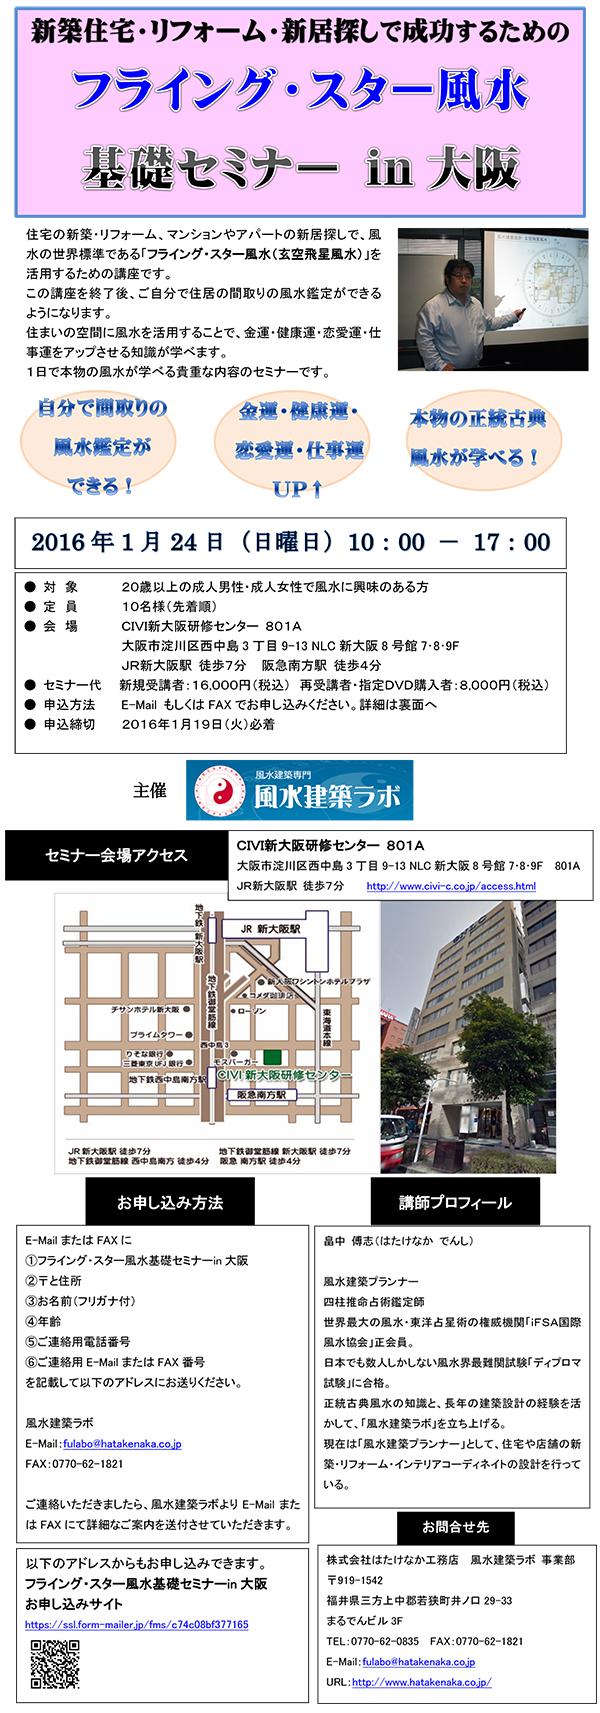 フライングスター風水基礎セミナーin大阪 チラシ(縦長)